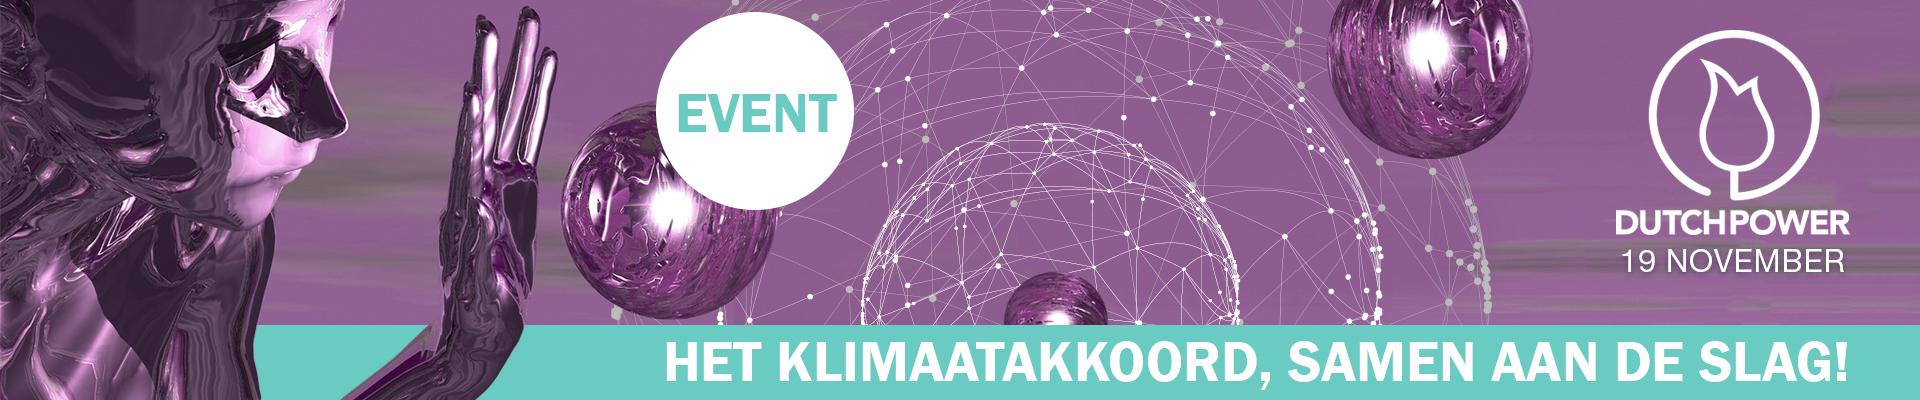 Klimaatakkoord, samen aan de slag!